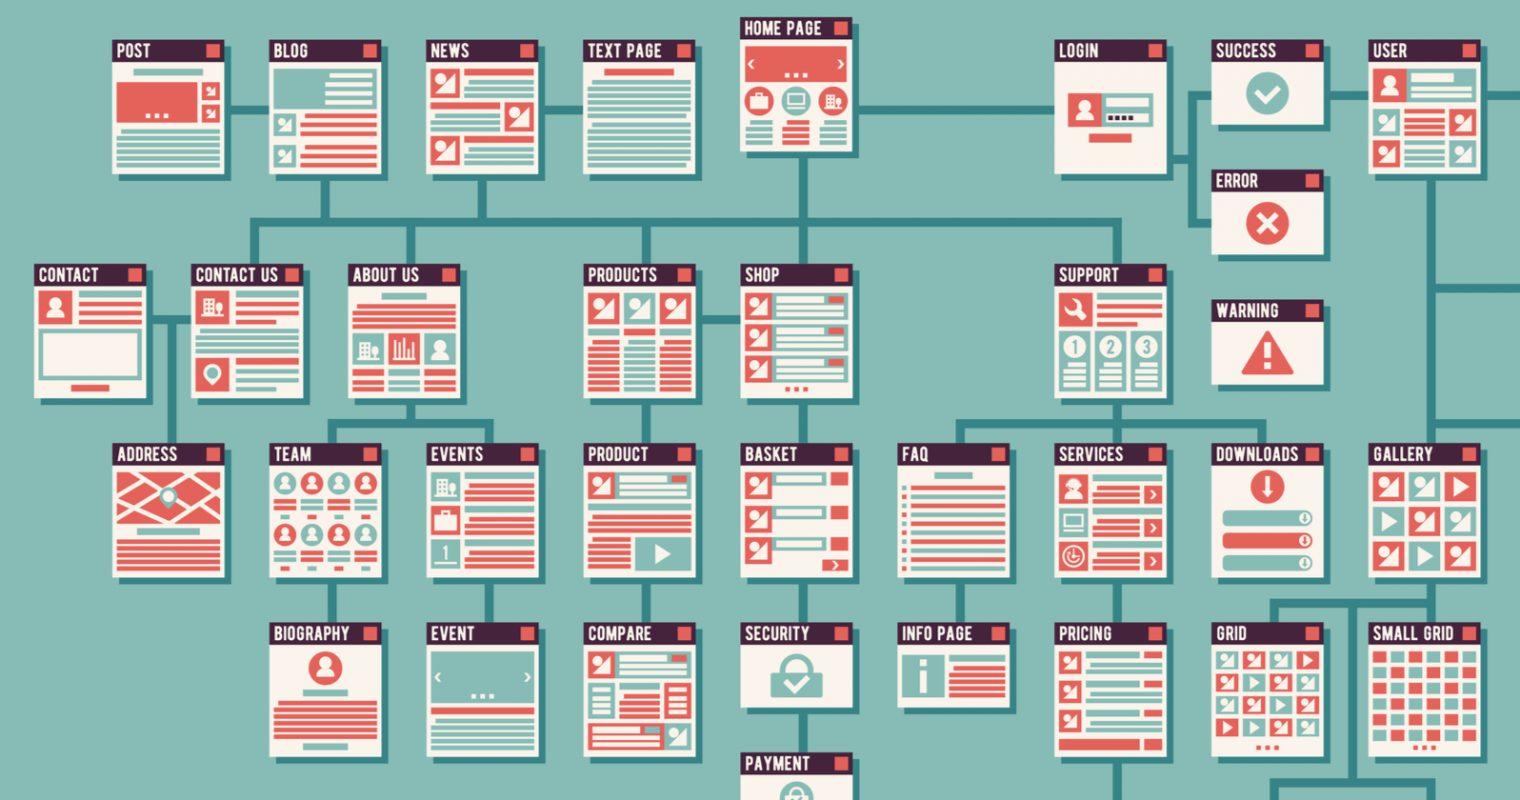 Đánh giá khái niệm Sitemap điều bạn cần biết